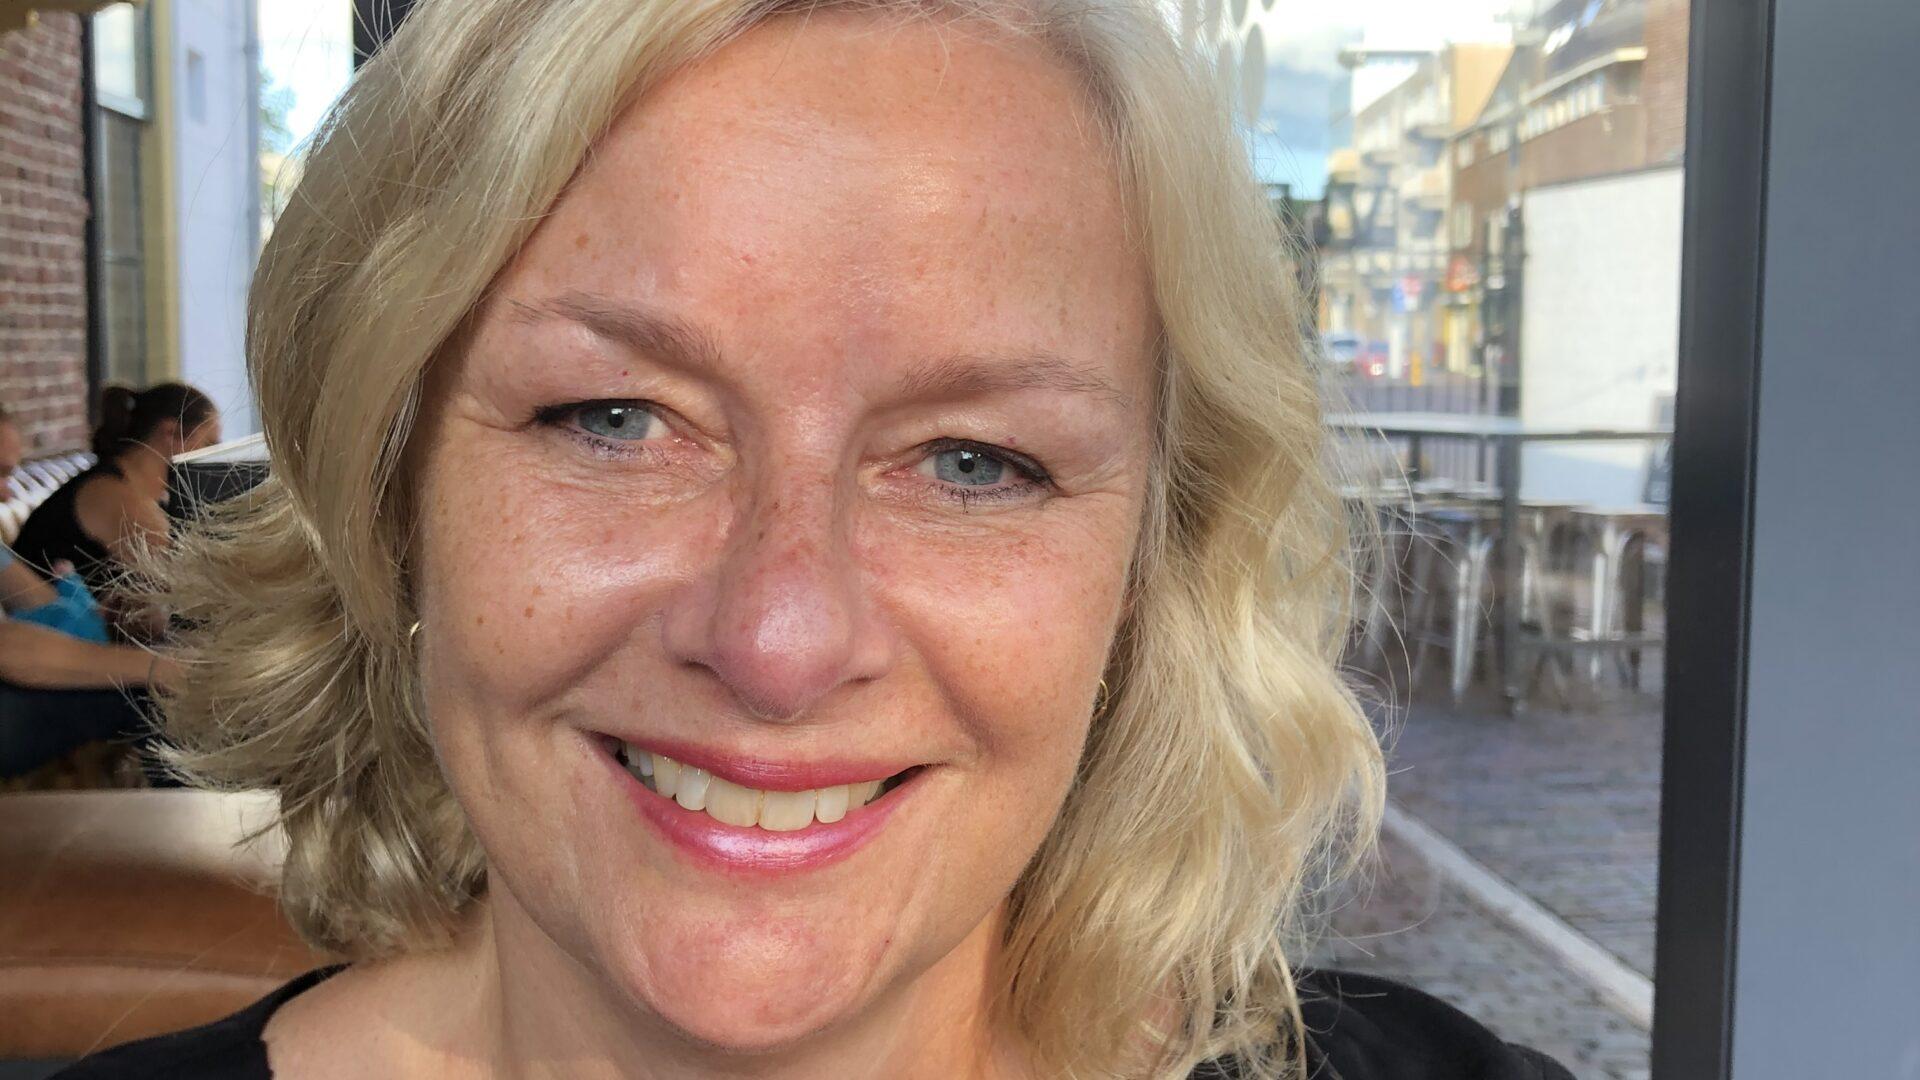 Mariëtte Huibrechtse is psycholoog en relatietherapeut in Almere, zij geeft ACT therapie en relatietherapie